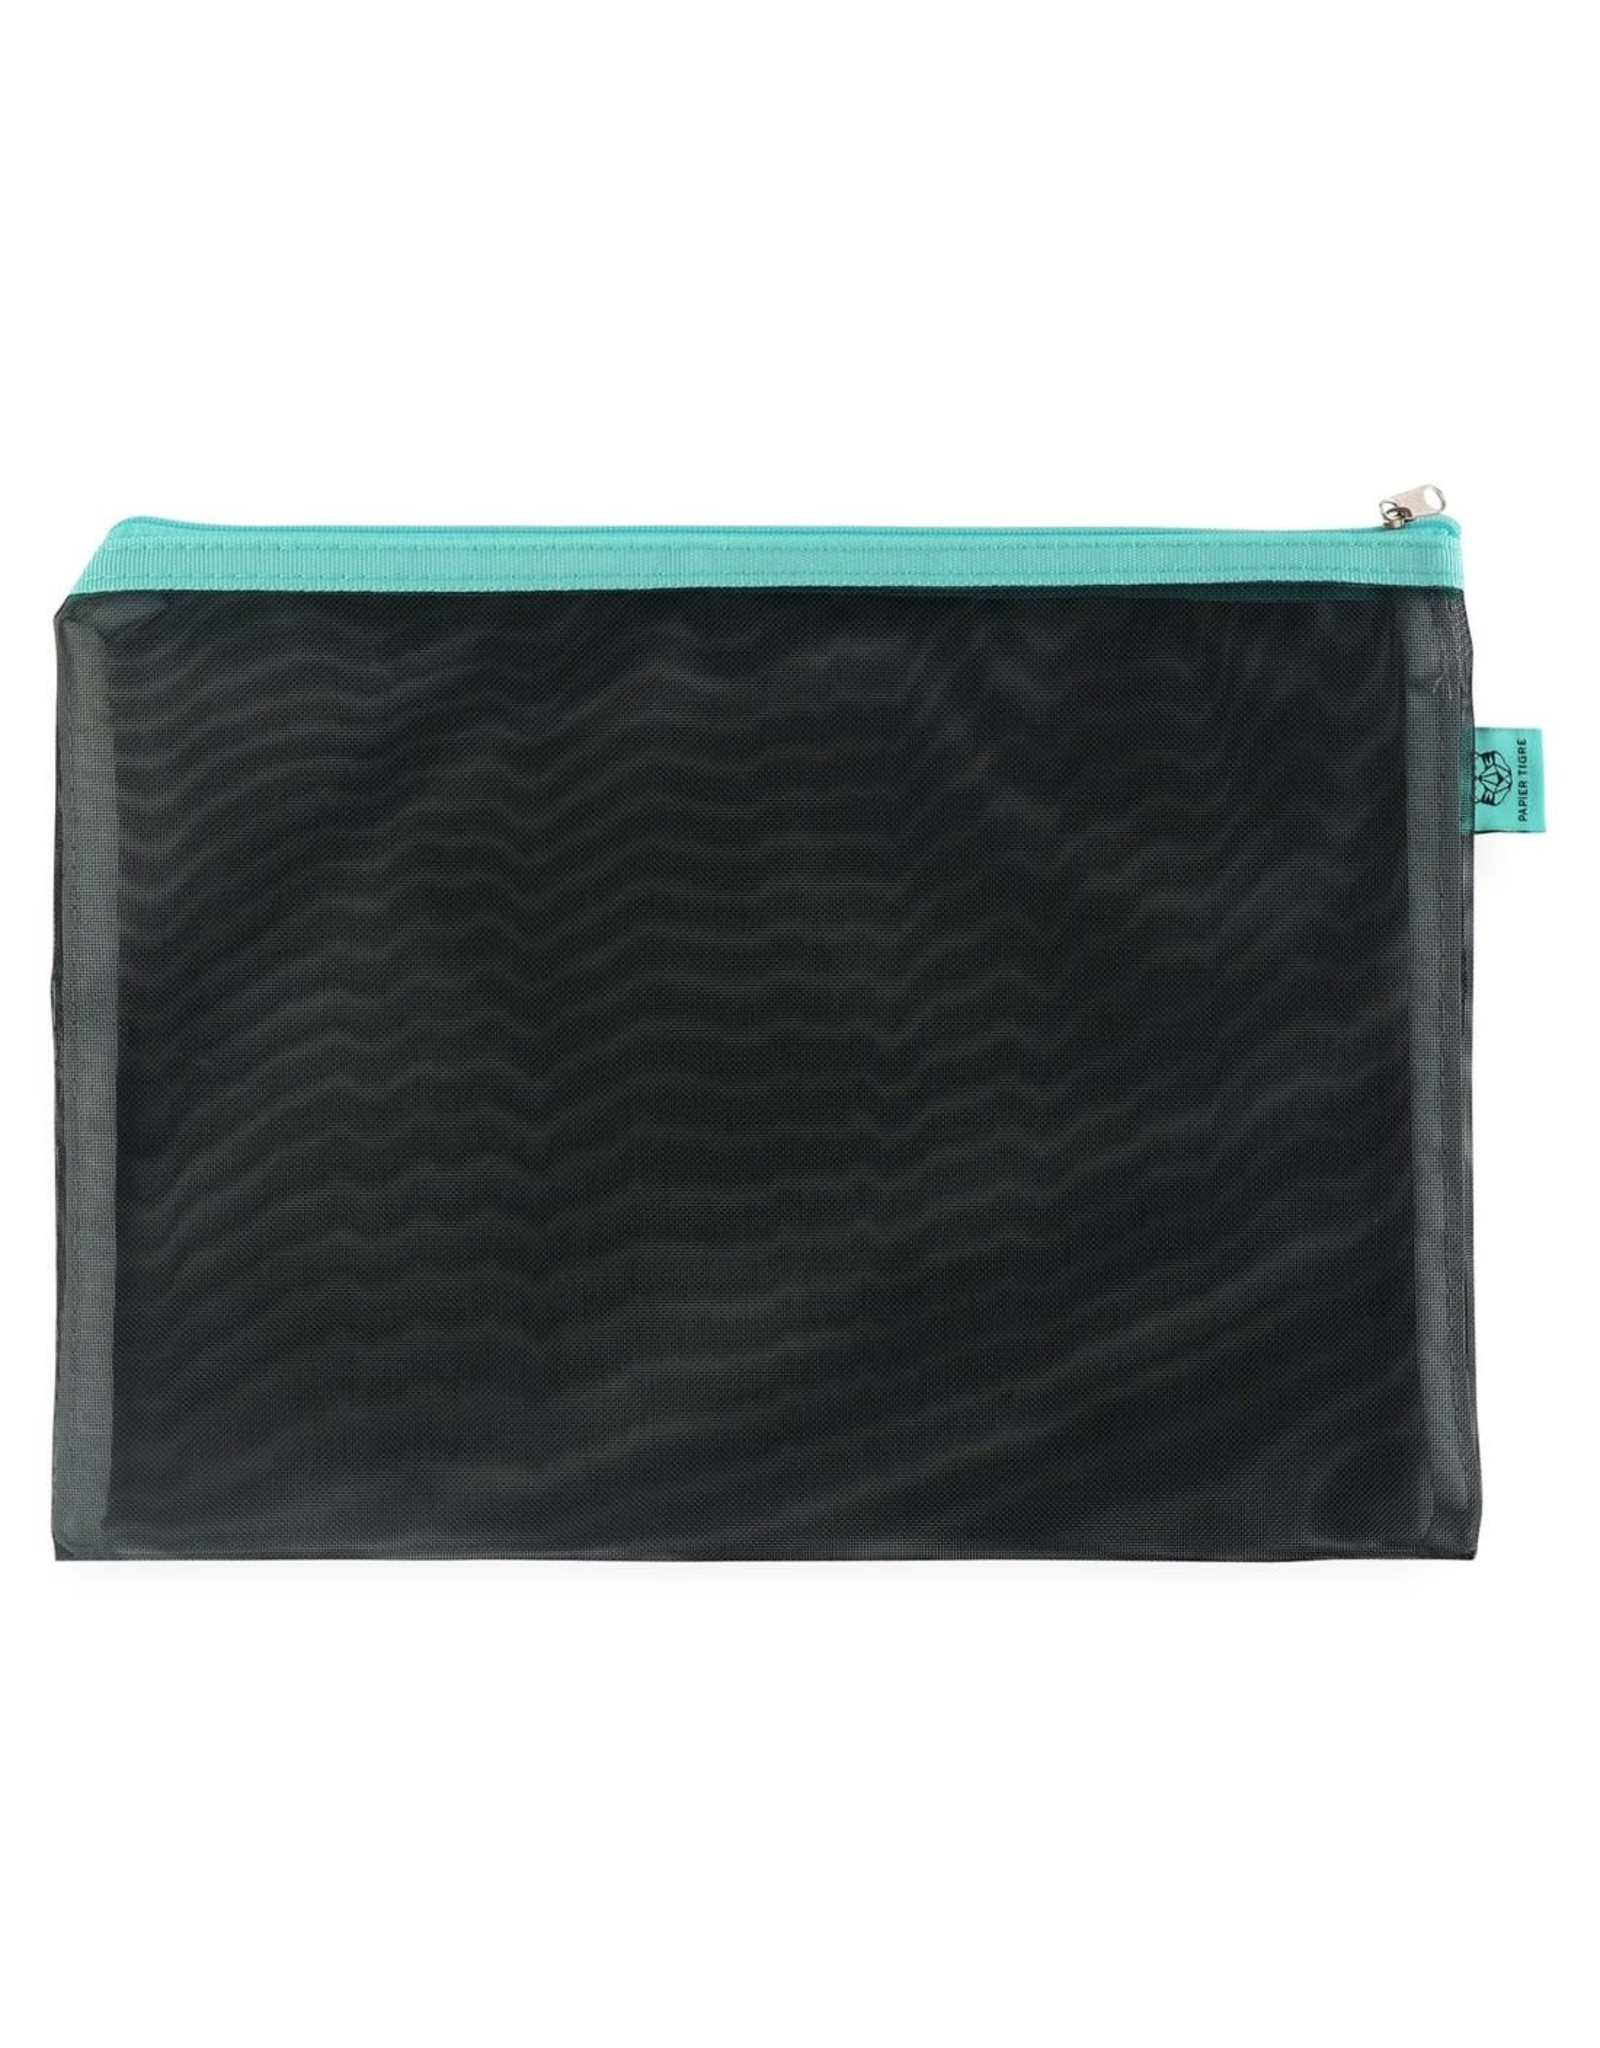 Papier Tigre Black & Aqua Large Pouch